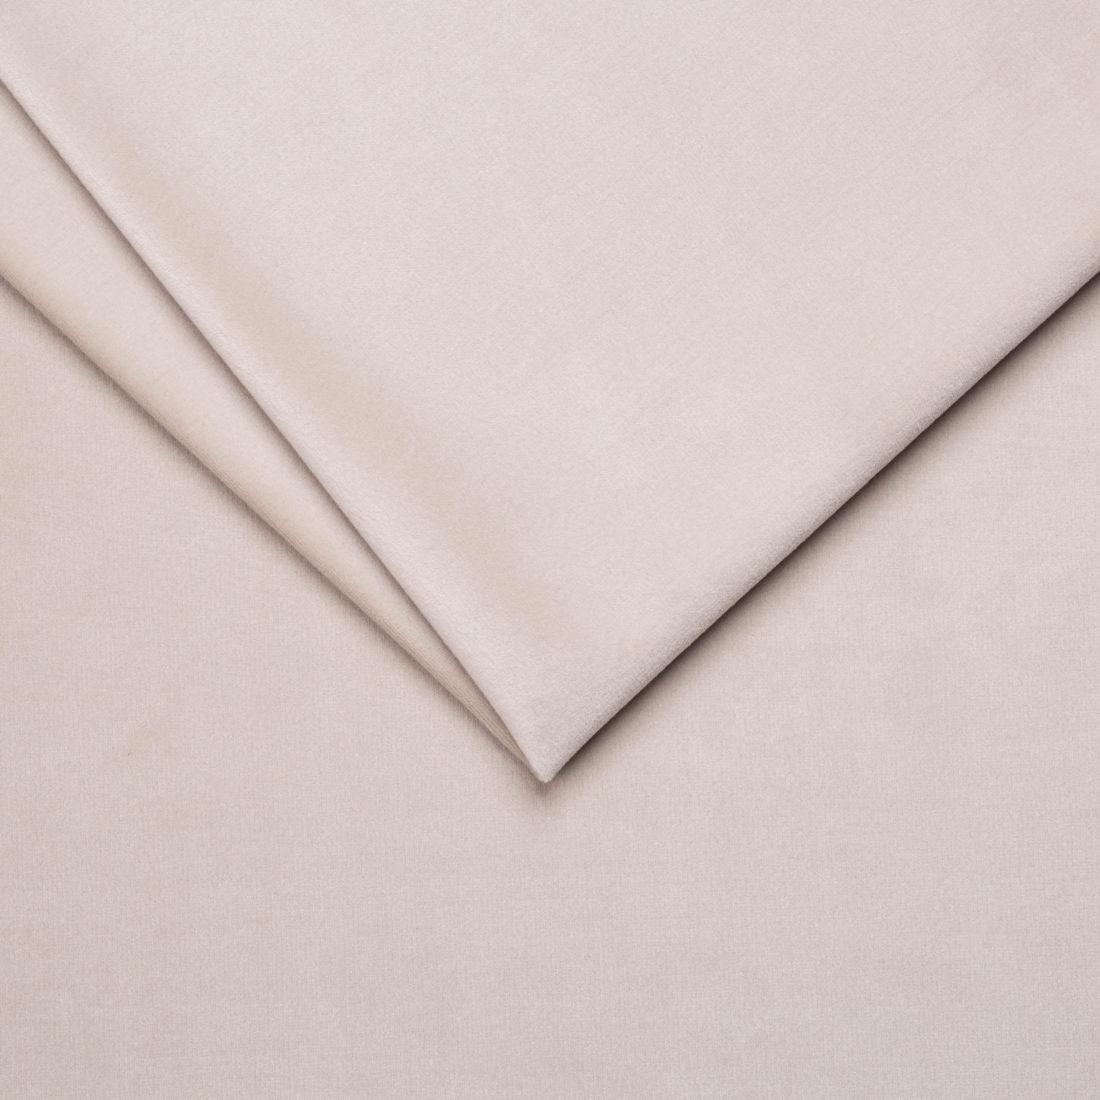 Мебельная ткань Velluto 1 Cream, велюр